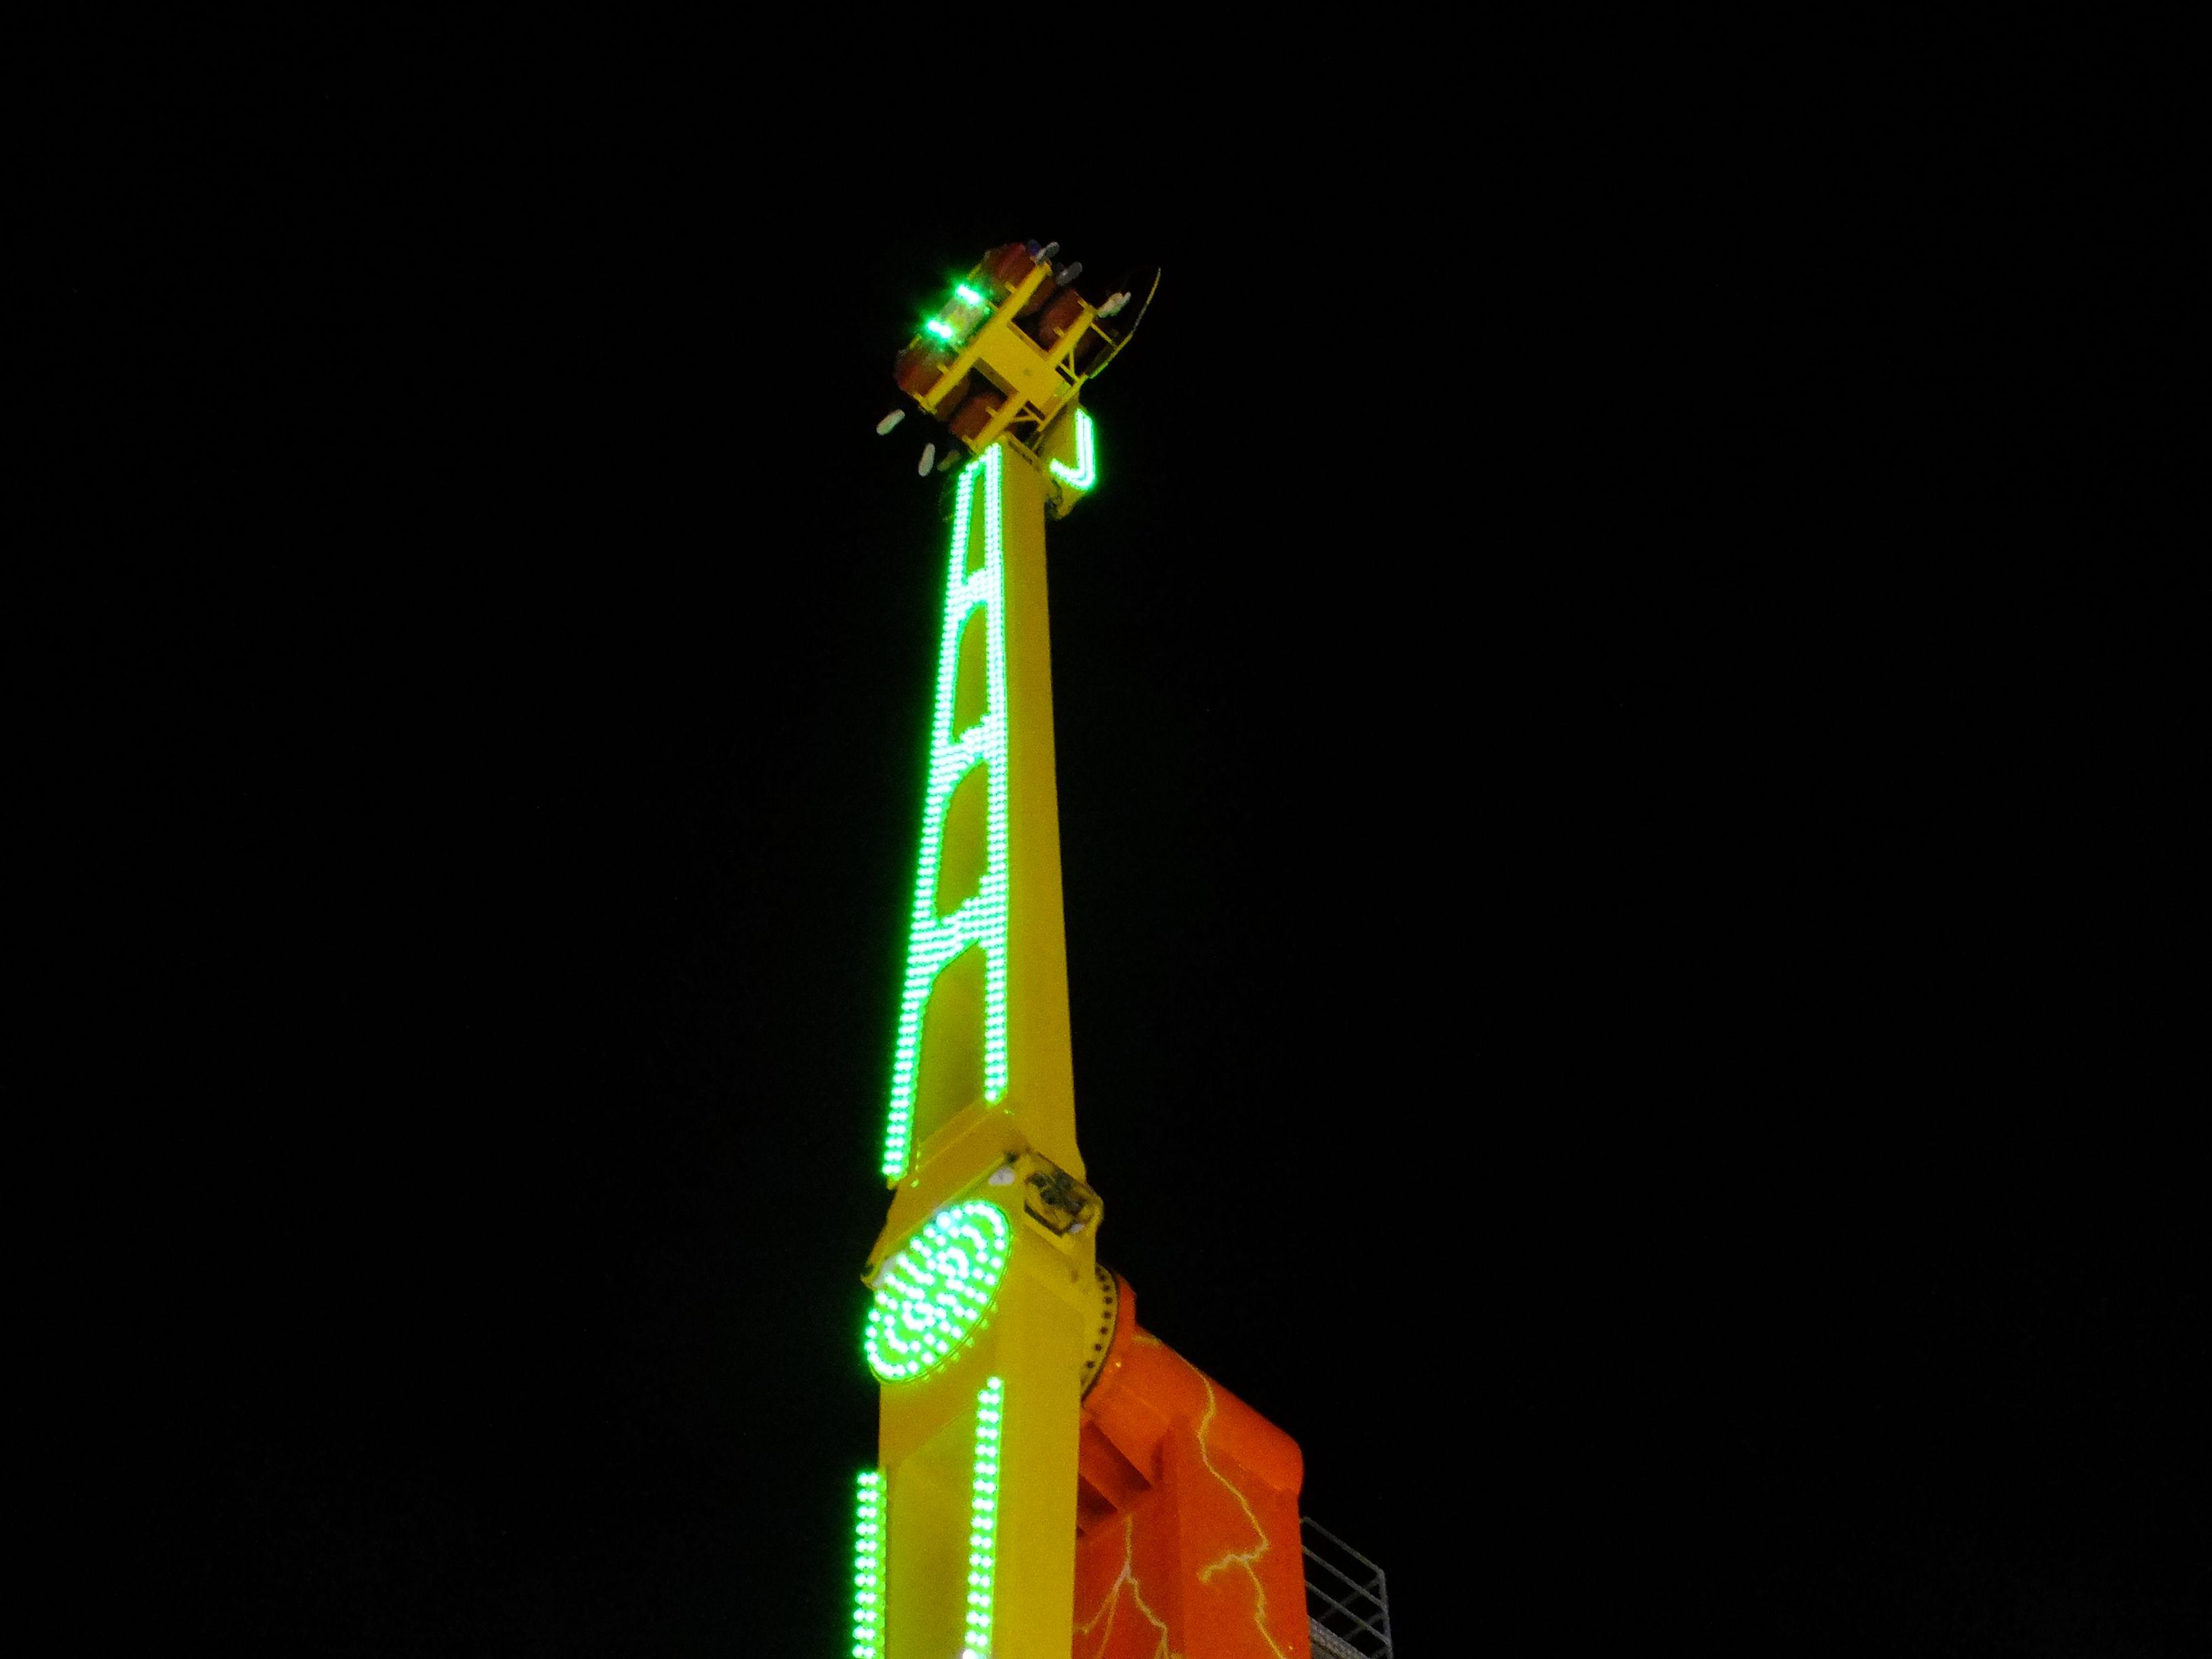 """""""La Feria de Cancún"""" Juegos Mecánicos por Espectaculares García S.A. de C. V. Diciembre 2016 Cancún, Q. Roo, México. Av. Nichupte."""